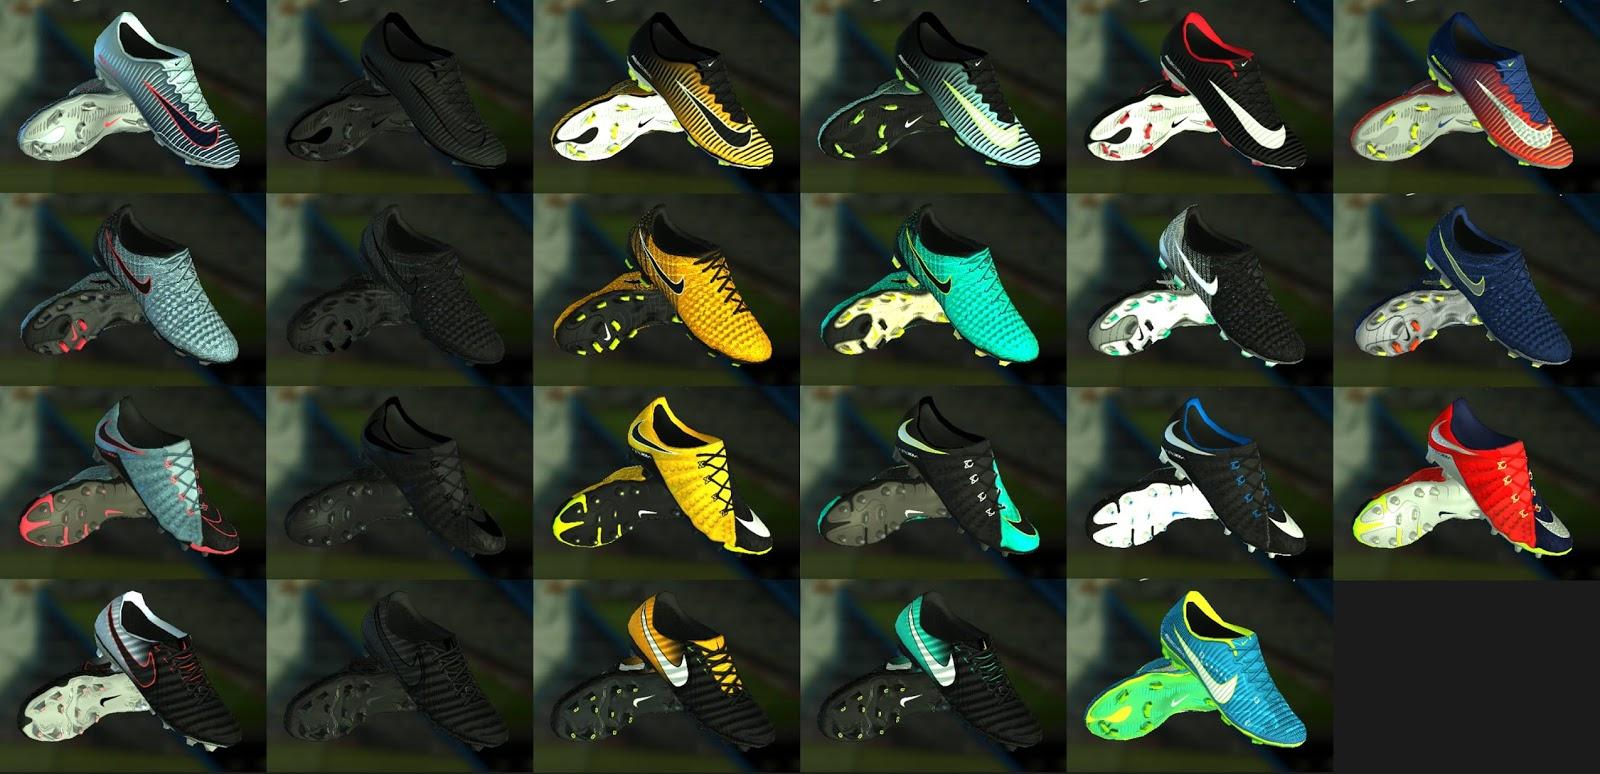 PES 2013 Nike bootpack by Jayk